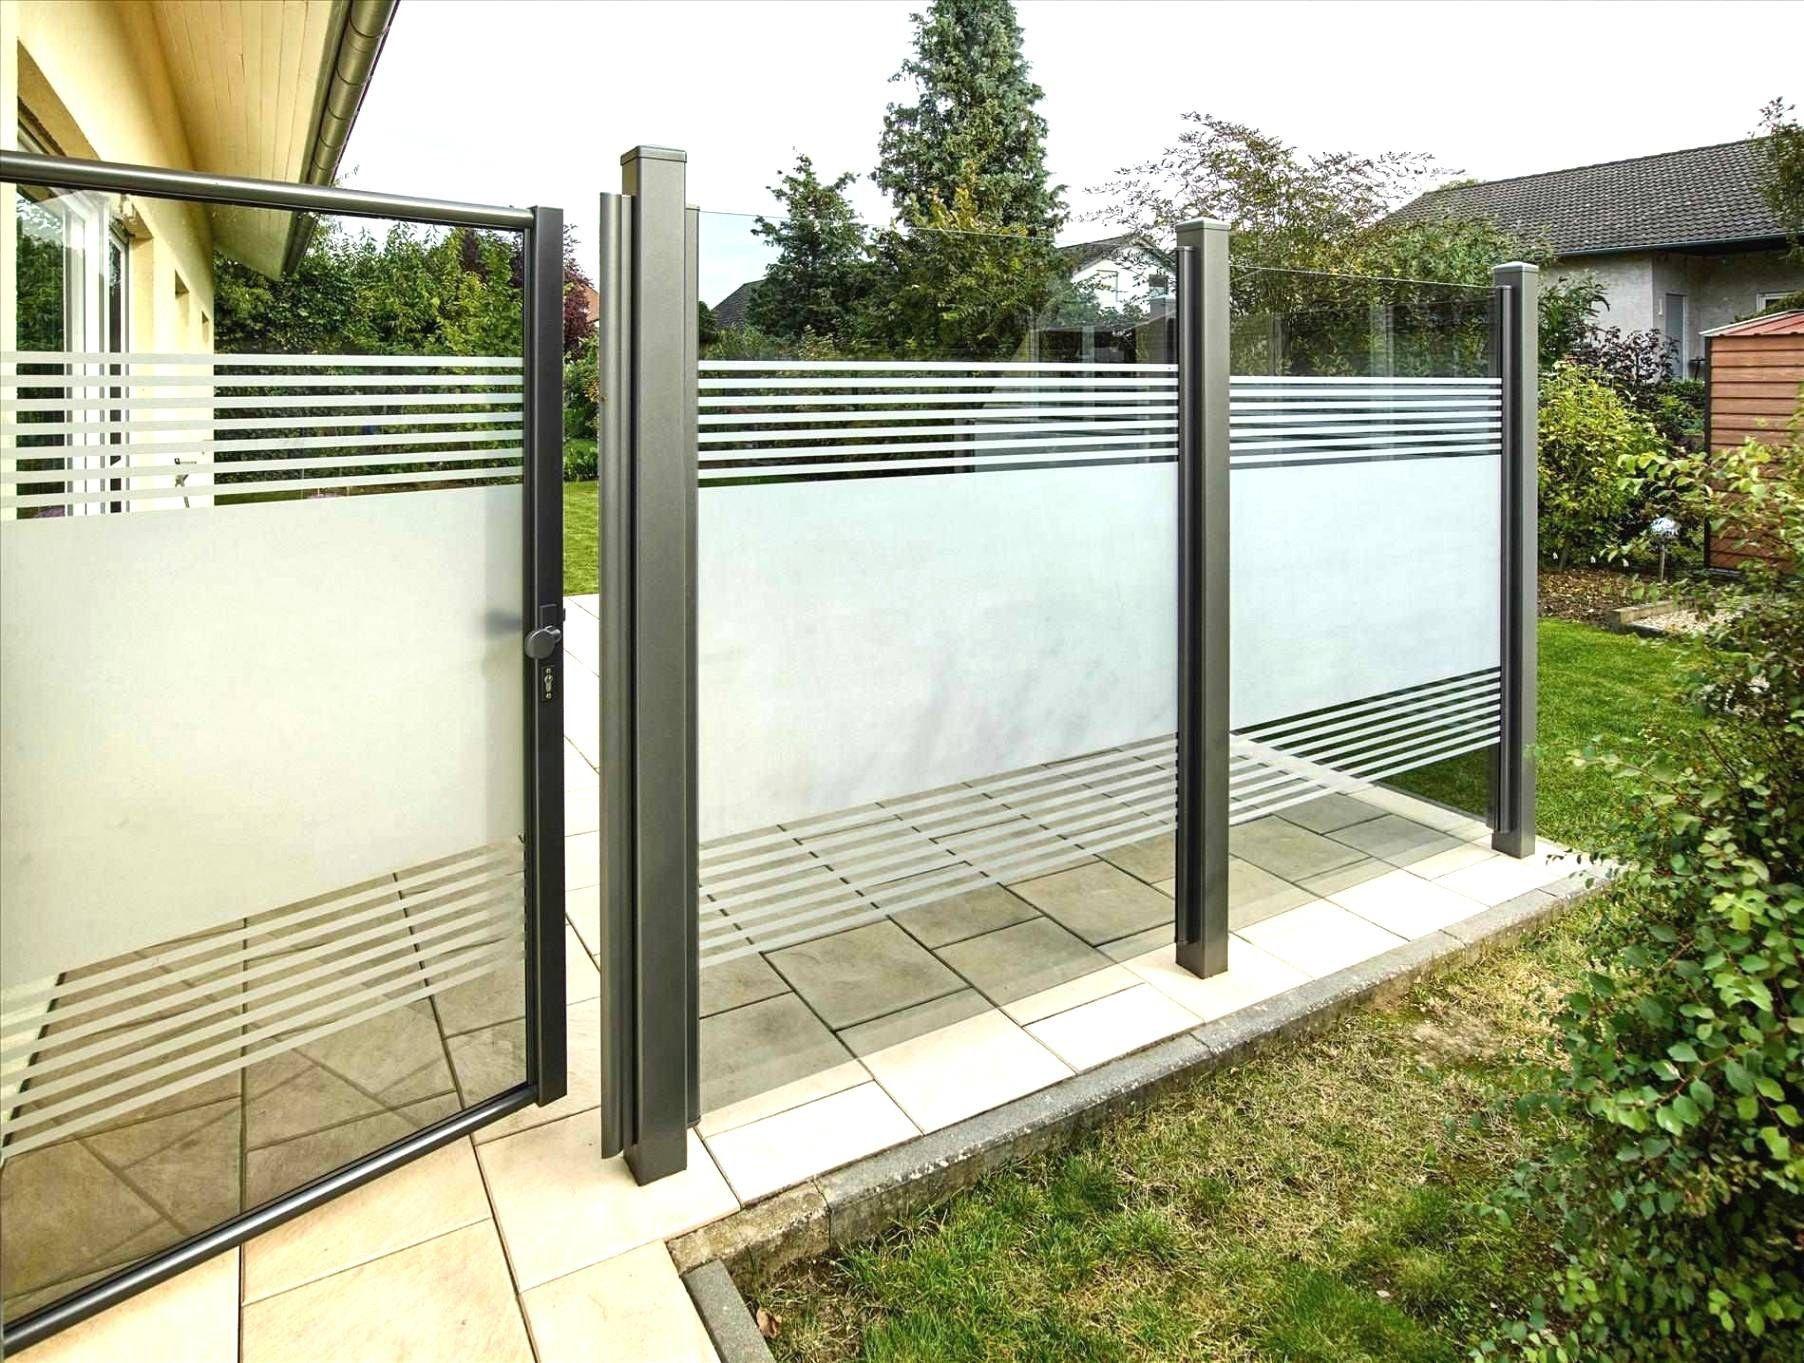 Einzigartig 45 Fur Windschutz Balkon Plexiglas Sichtschutz